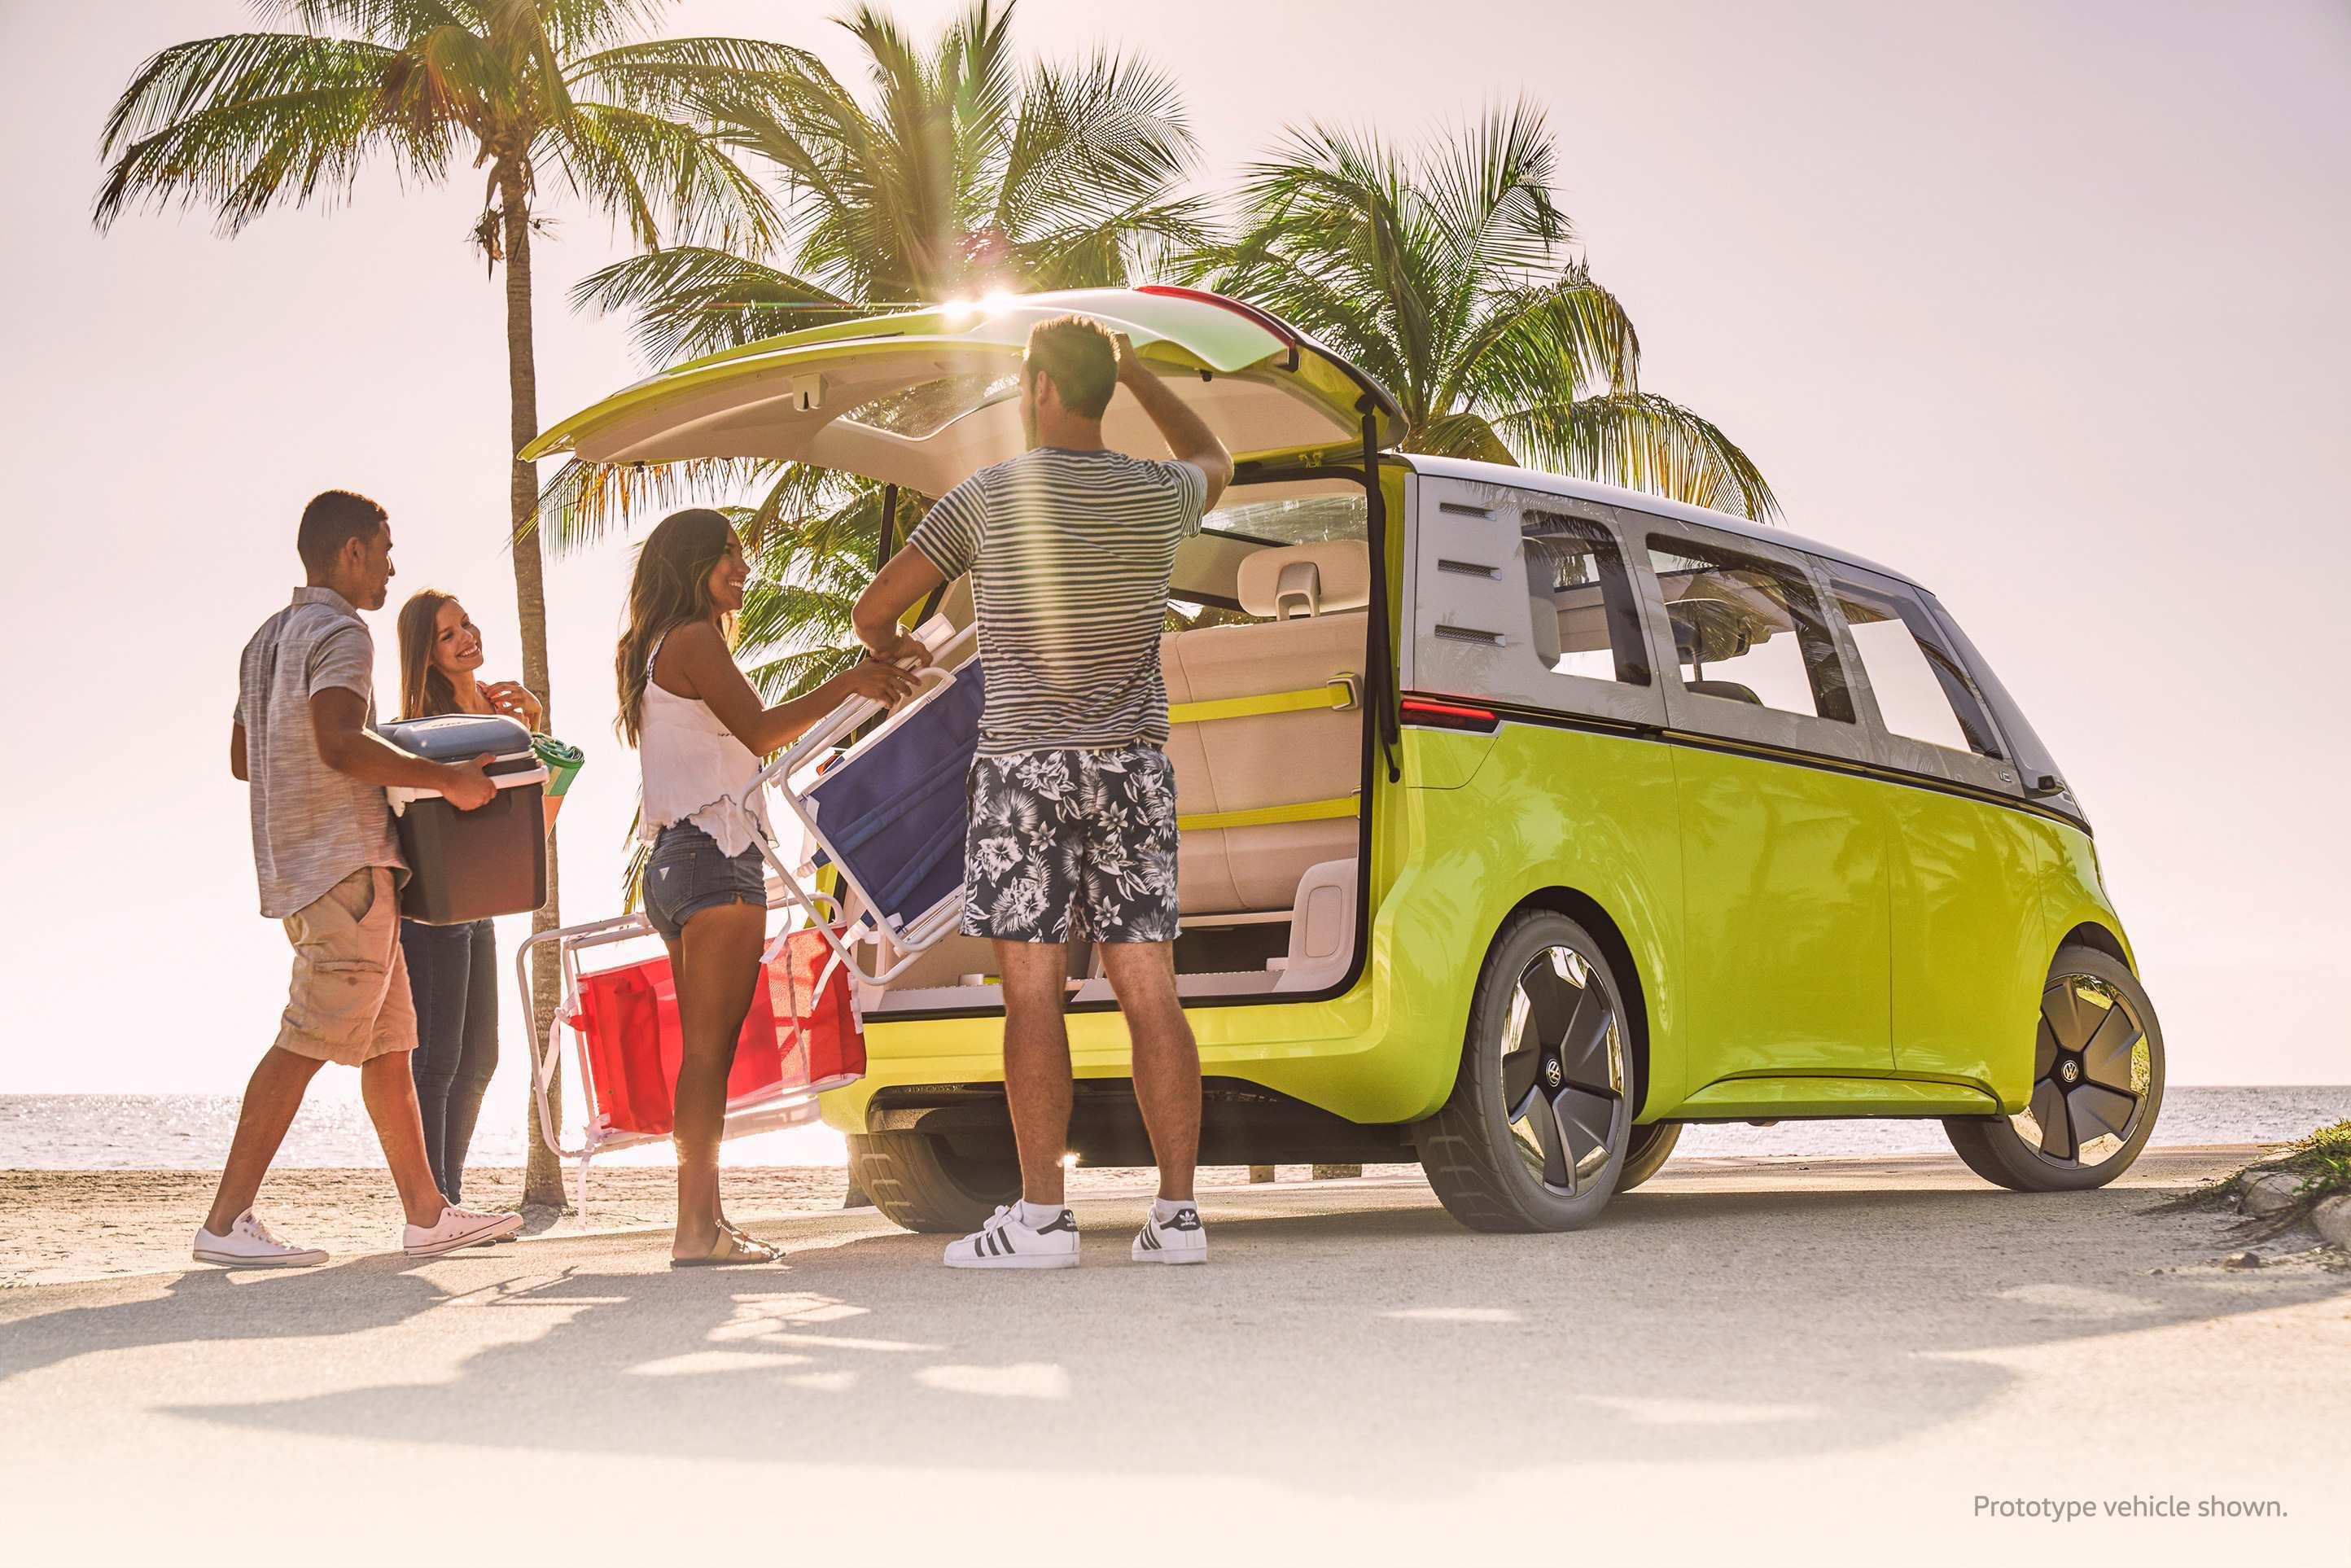 54 Concept of Volkswagen Minibus 2020 Reviews for Volkswagen Minibus 2020